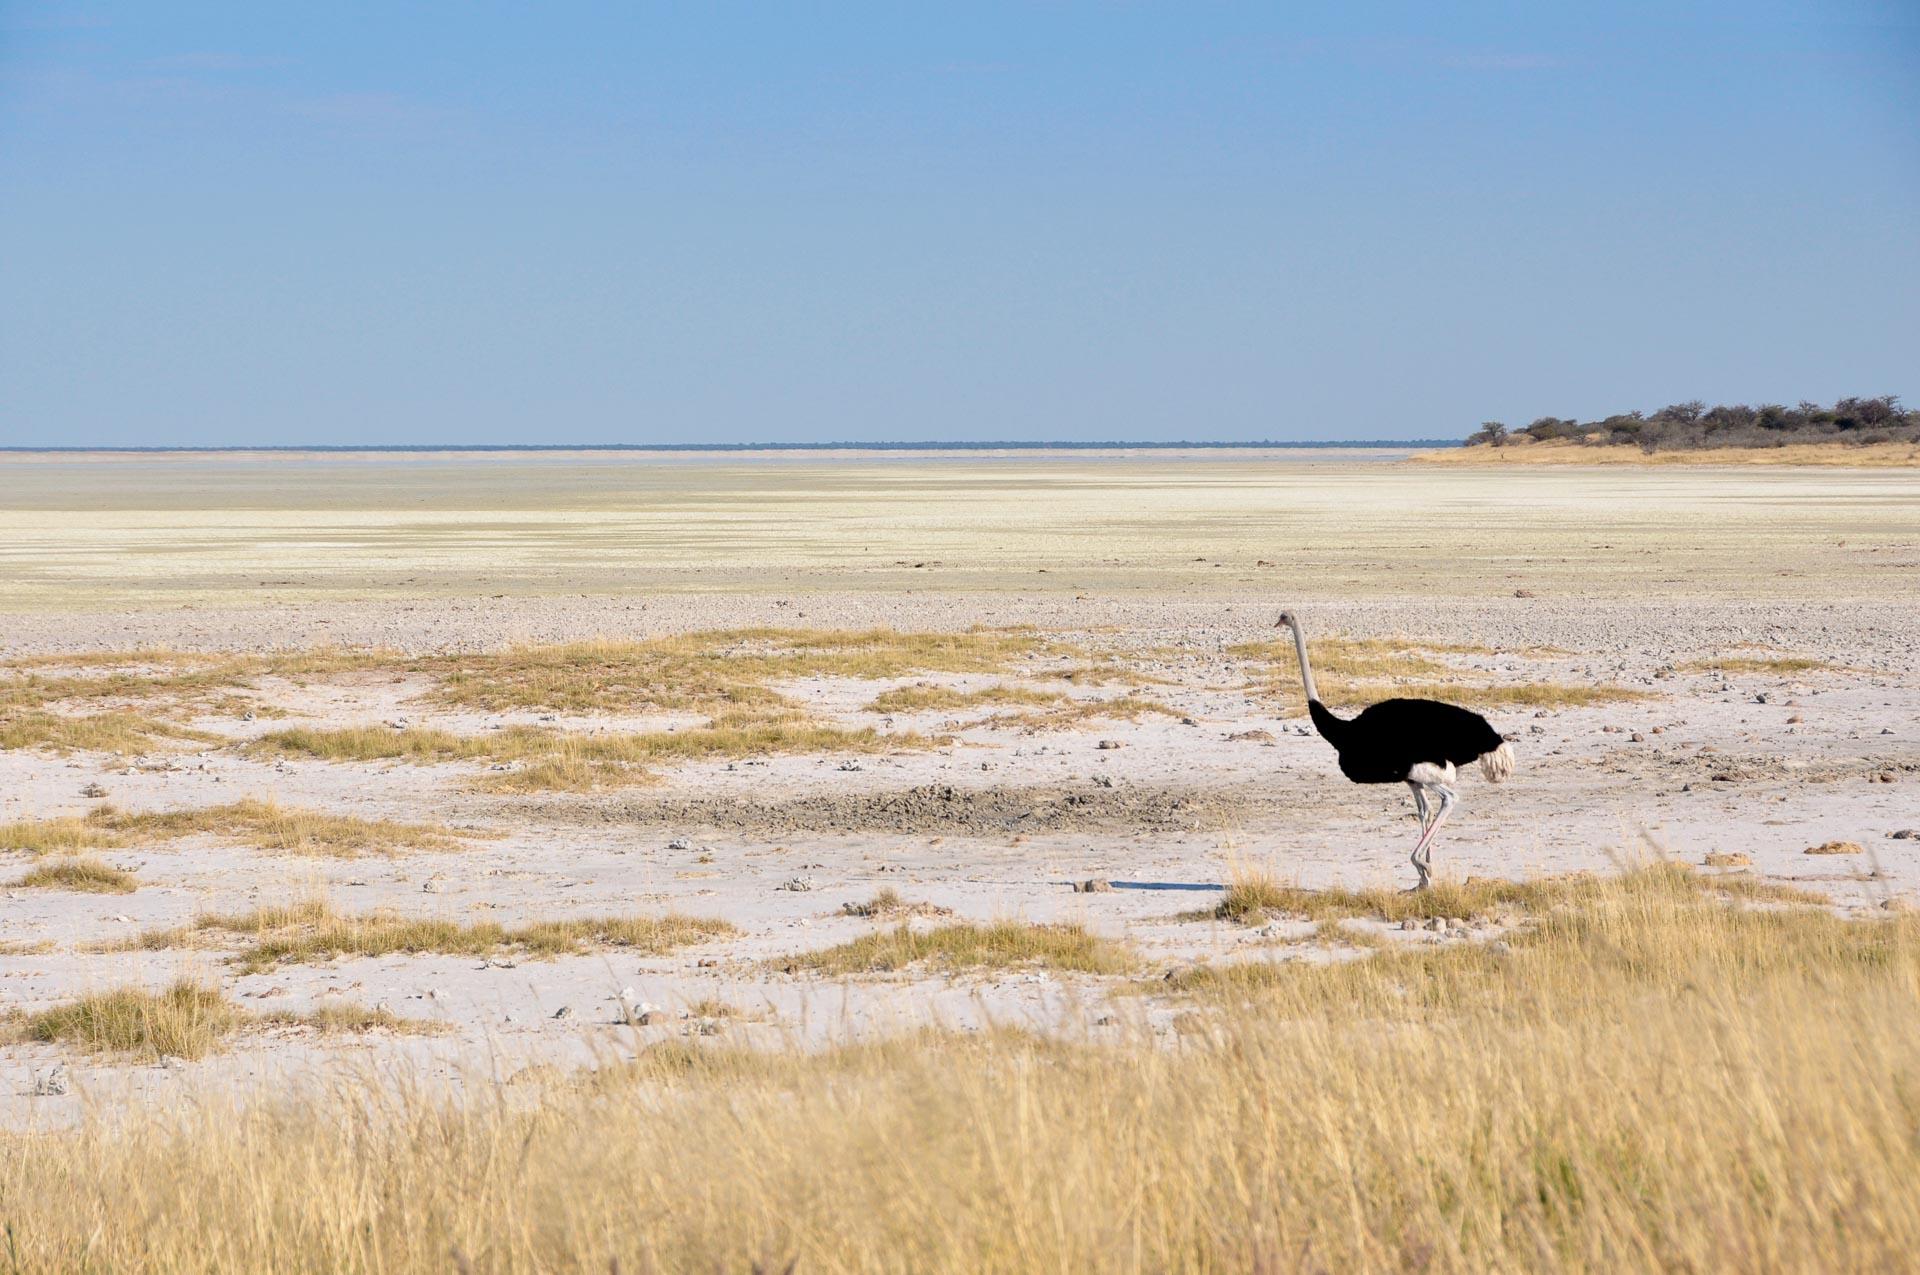 Etosha-Nationalpark-Namibia-Globetrotter-Select-3